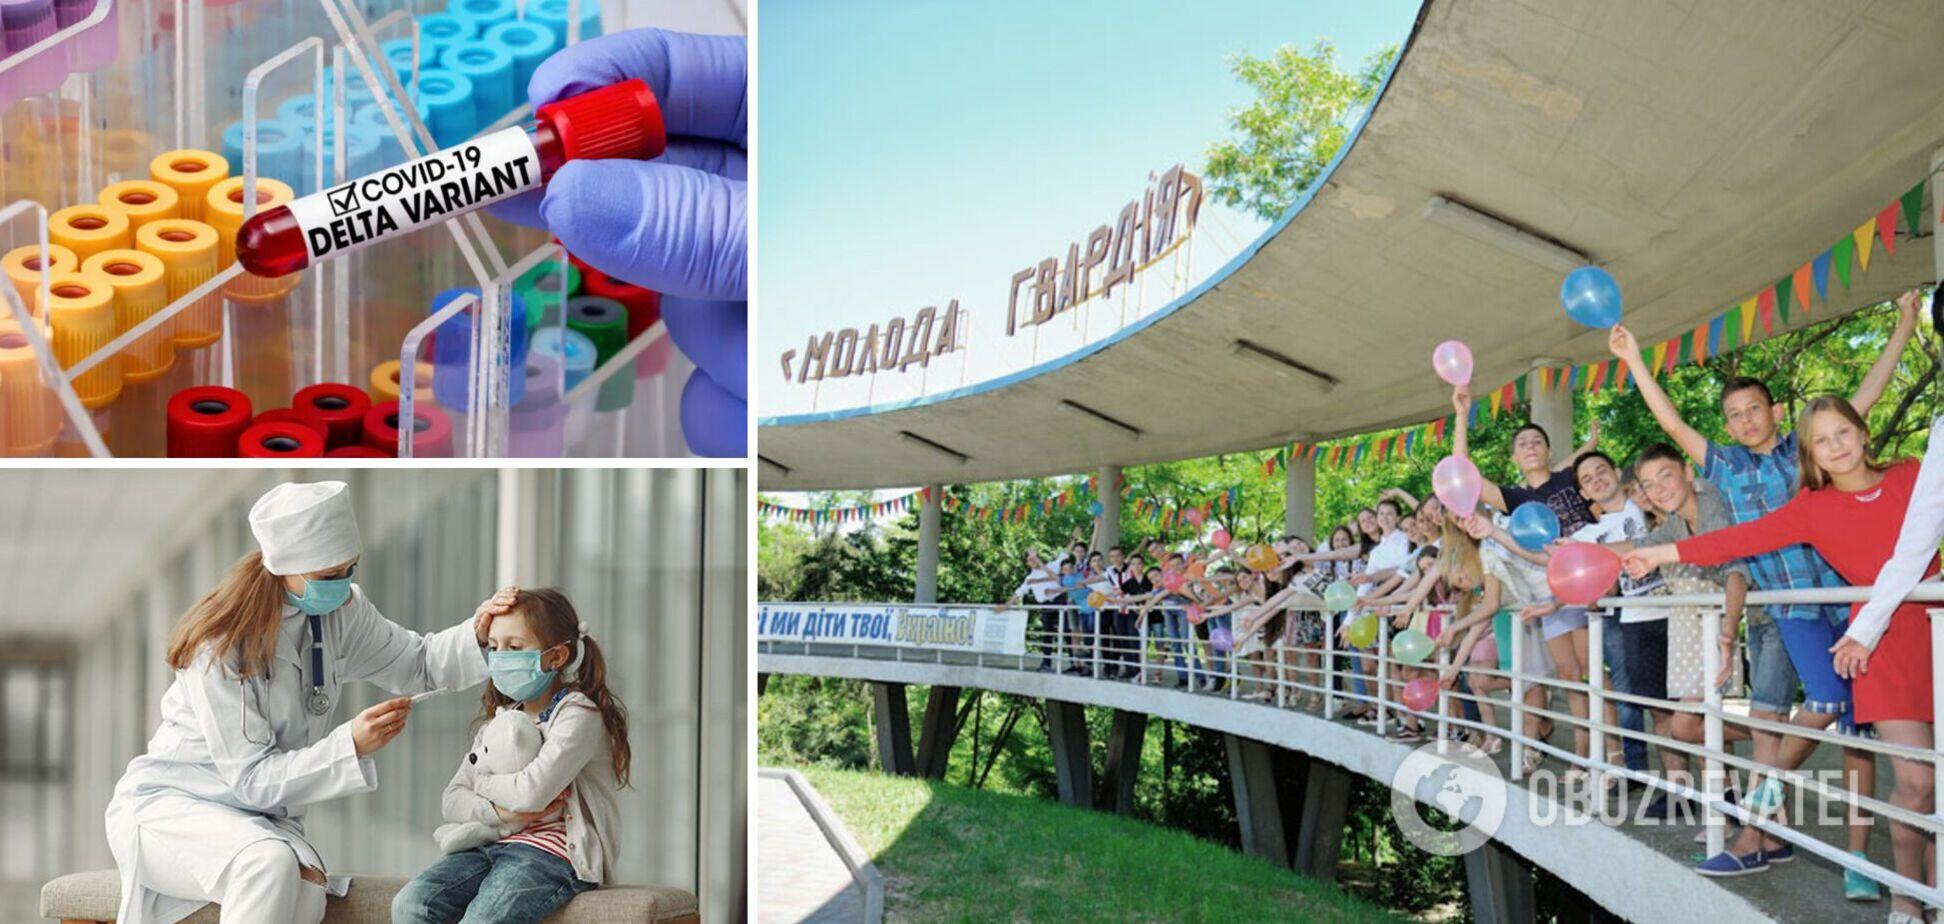 В Одесской области 30 детей заразились Дельта-штаммом COVID-19 в лагере, есть риск новых вспышек. Эксклюзив